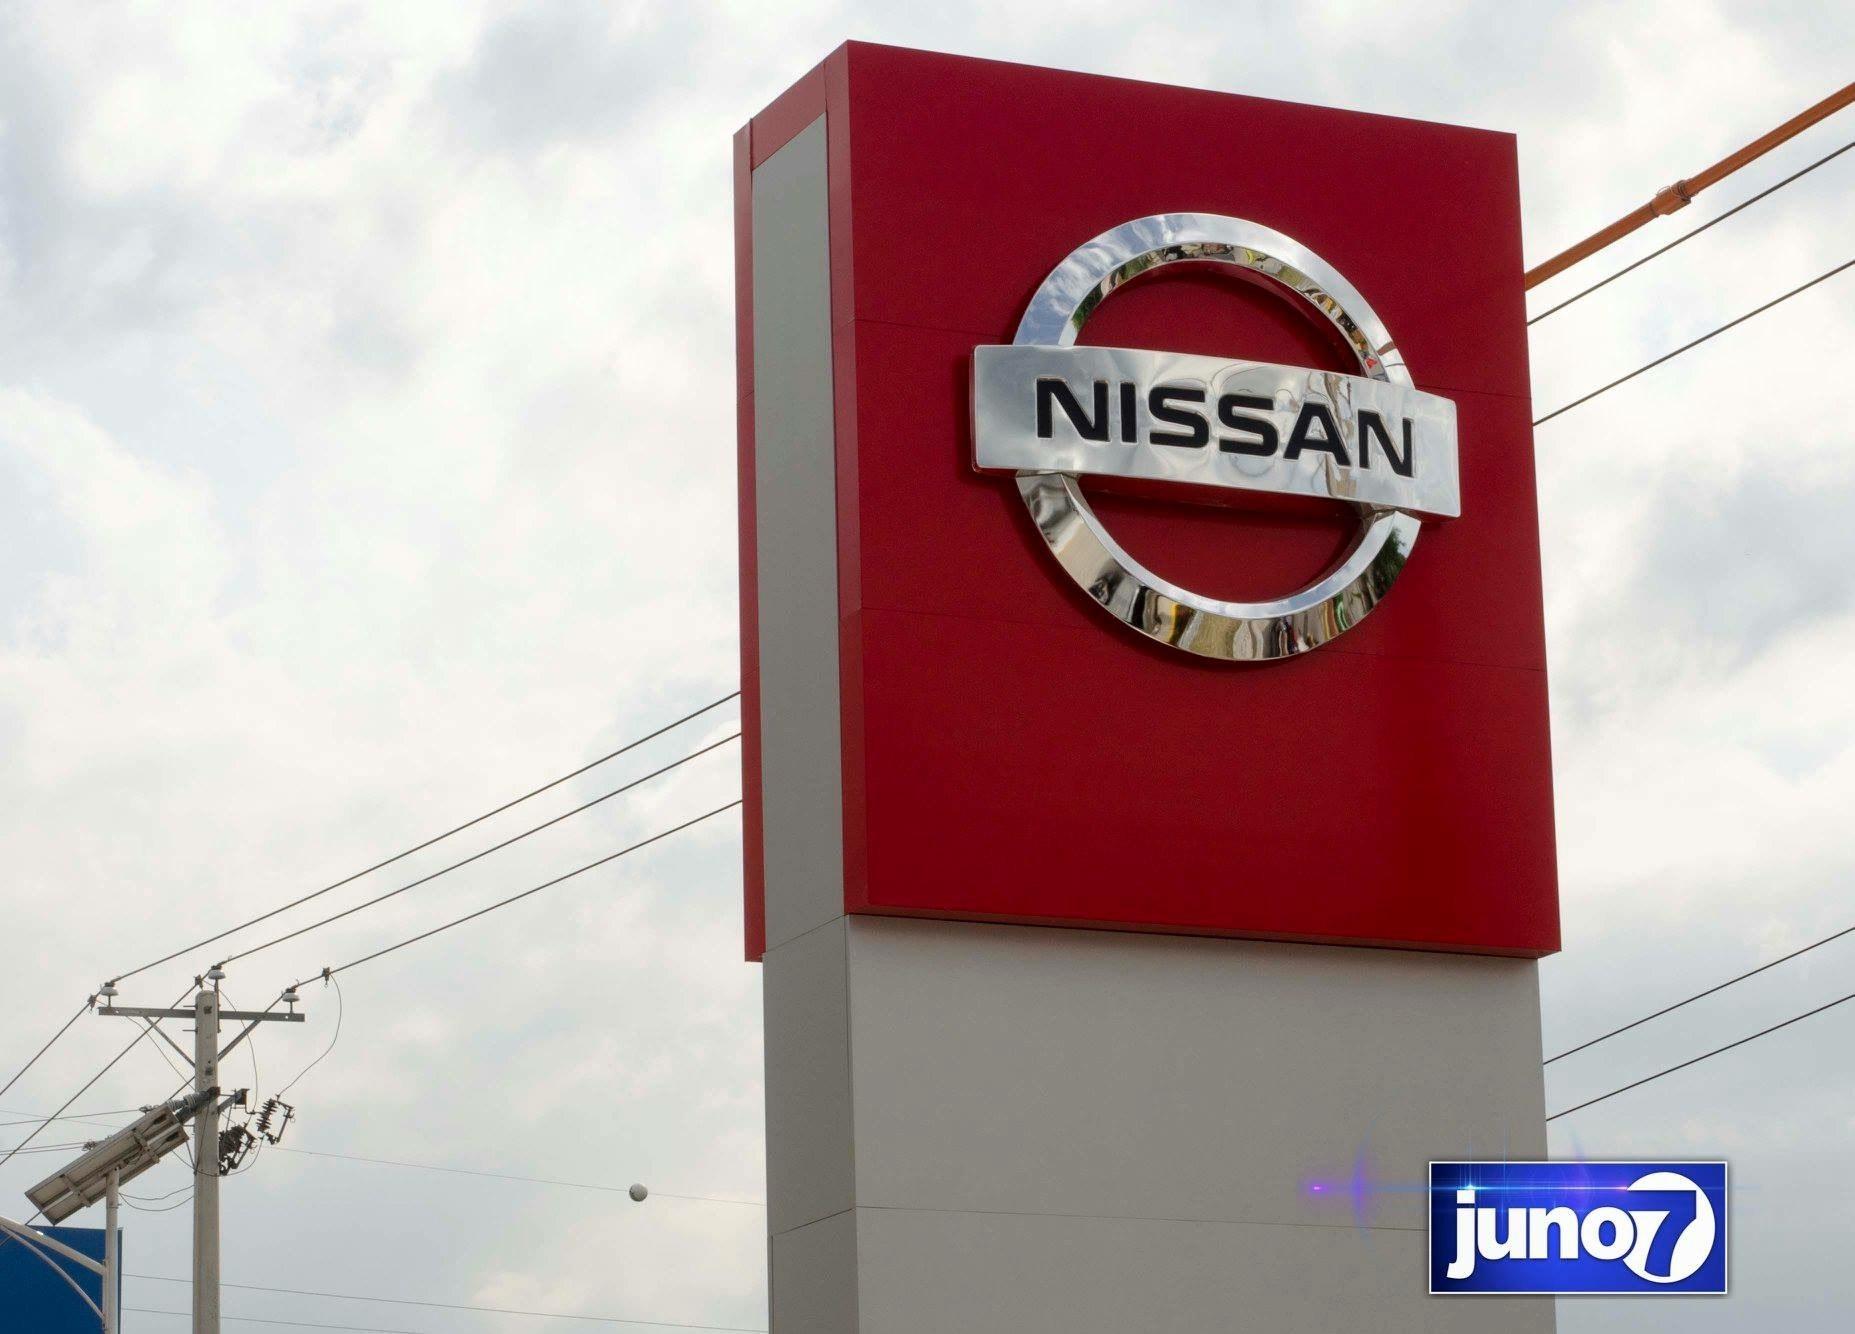 La Nissan Universal Motors inaugure le plus grand showroom de la caraïbe et de l'Amérique latine 41